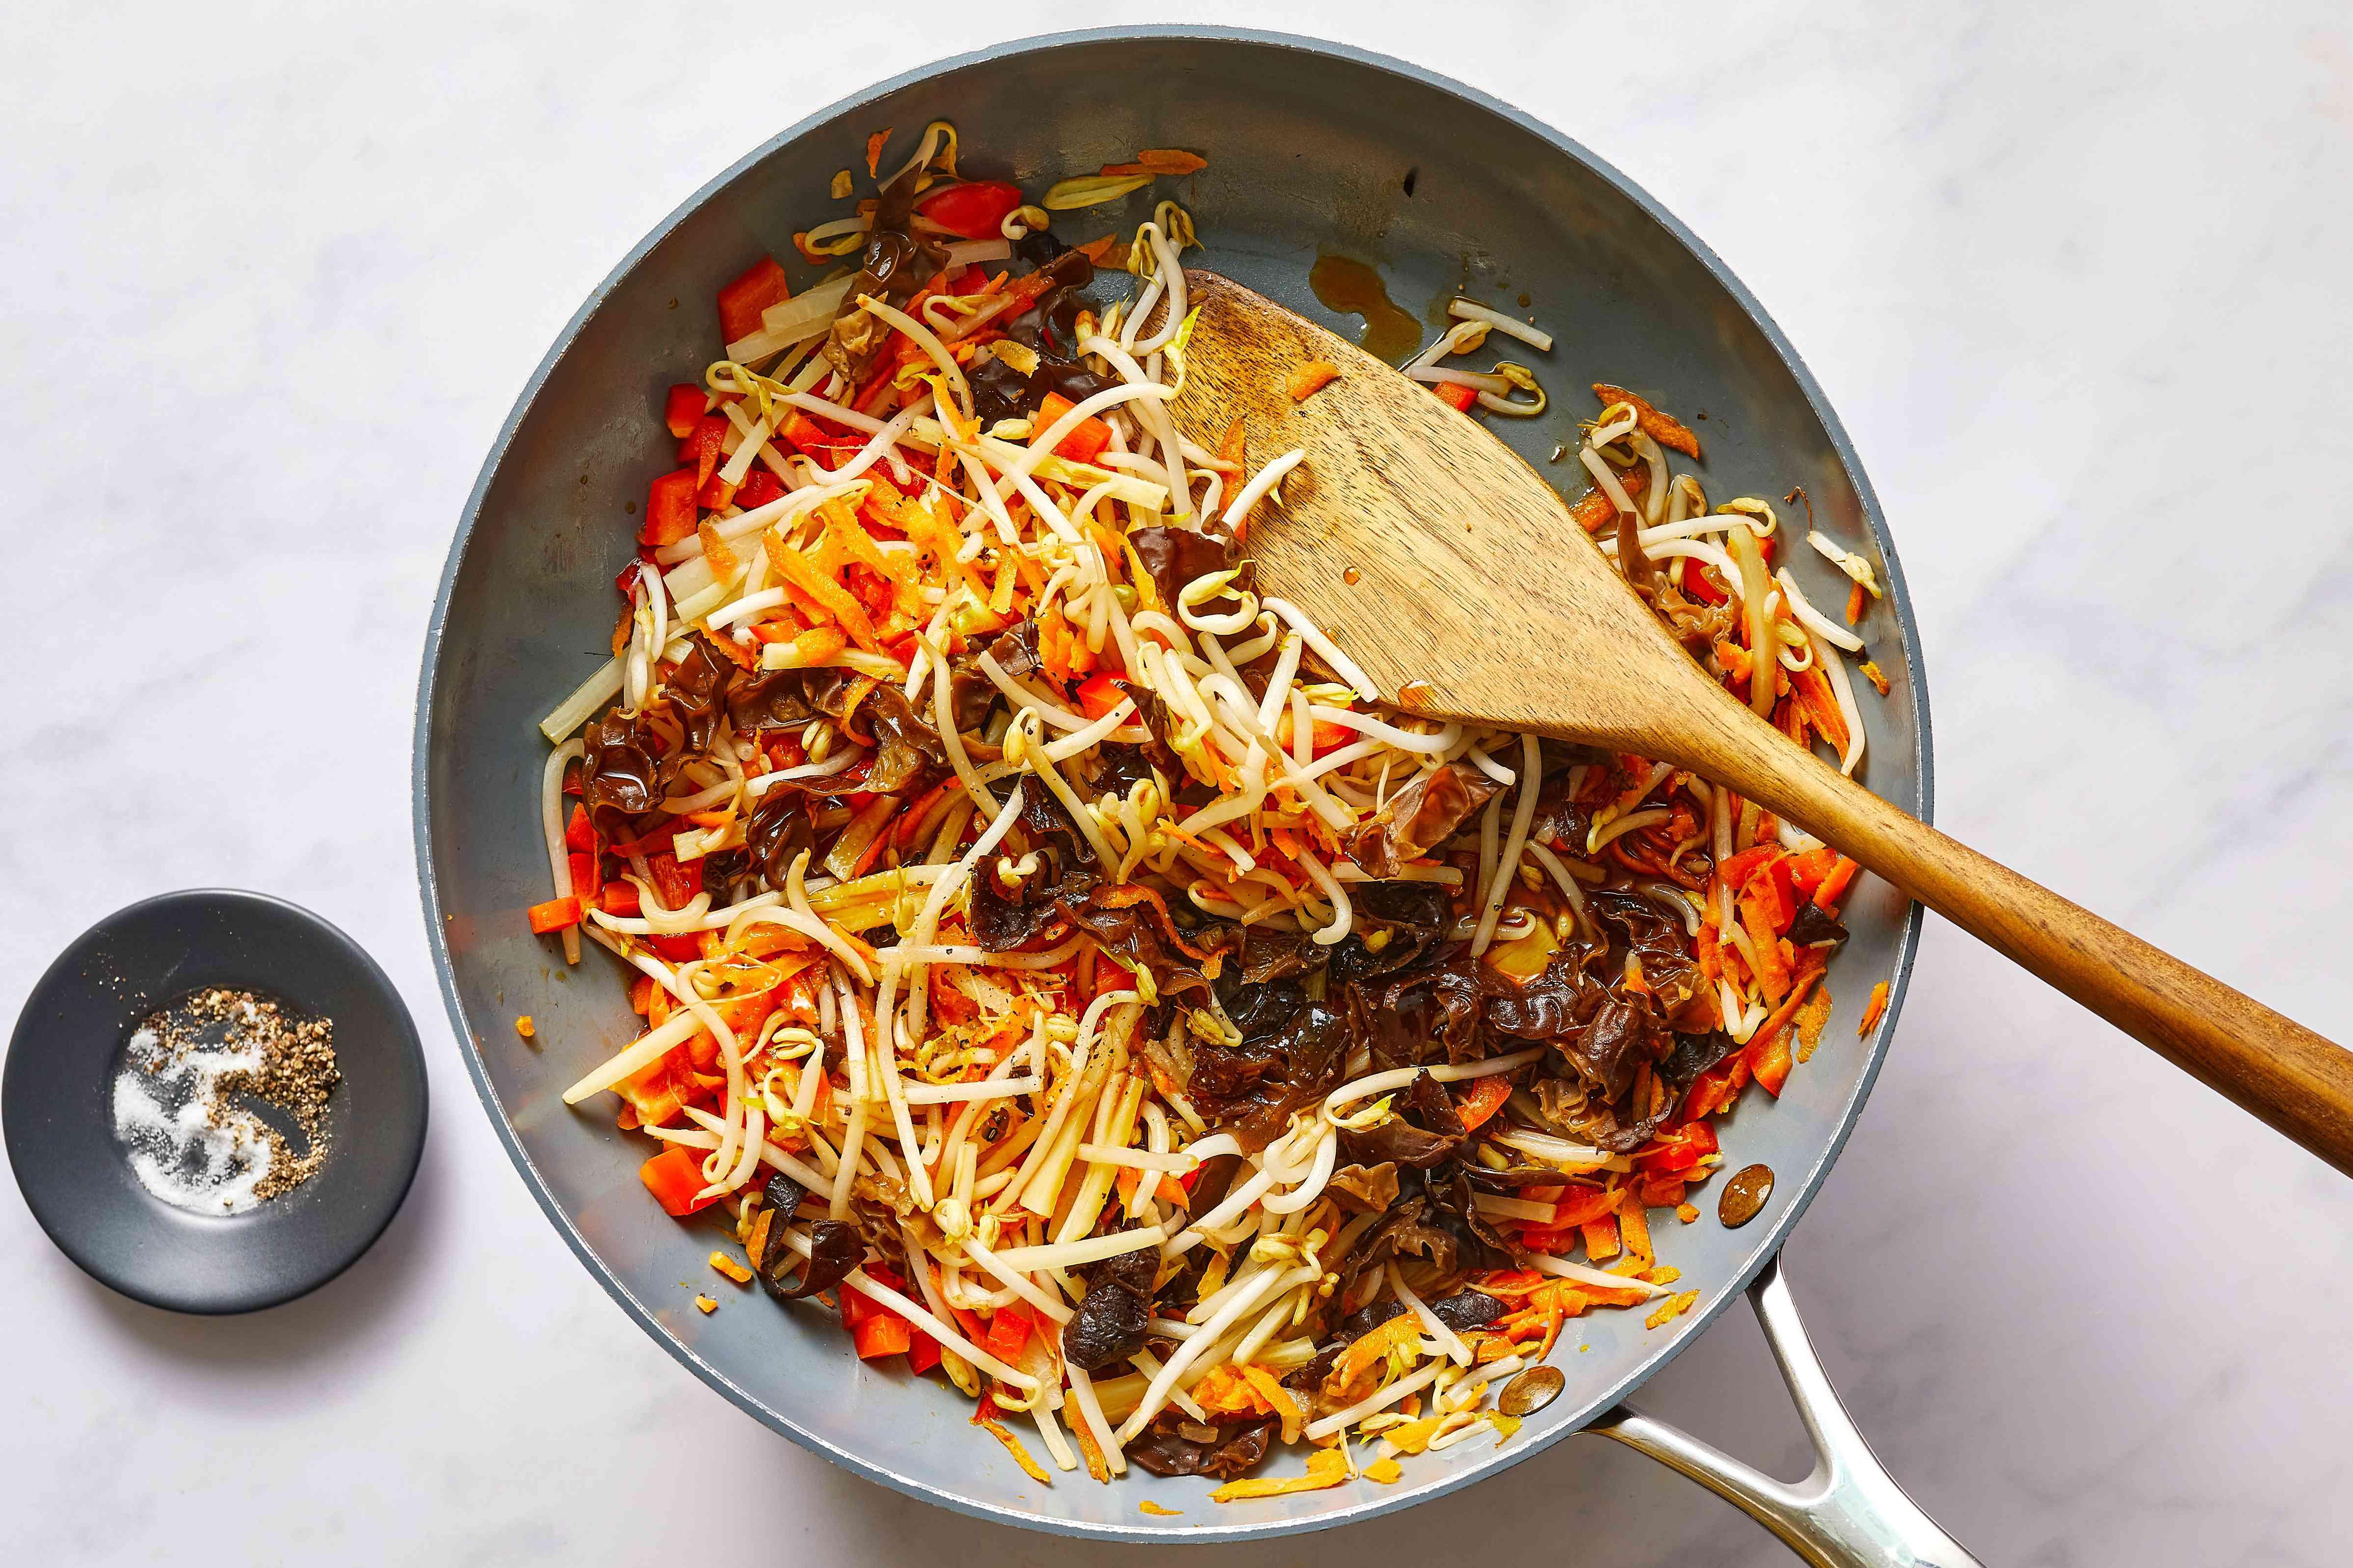 seasoned vegetables cooking in a pan